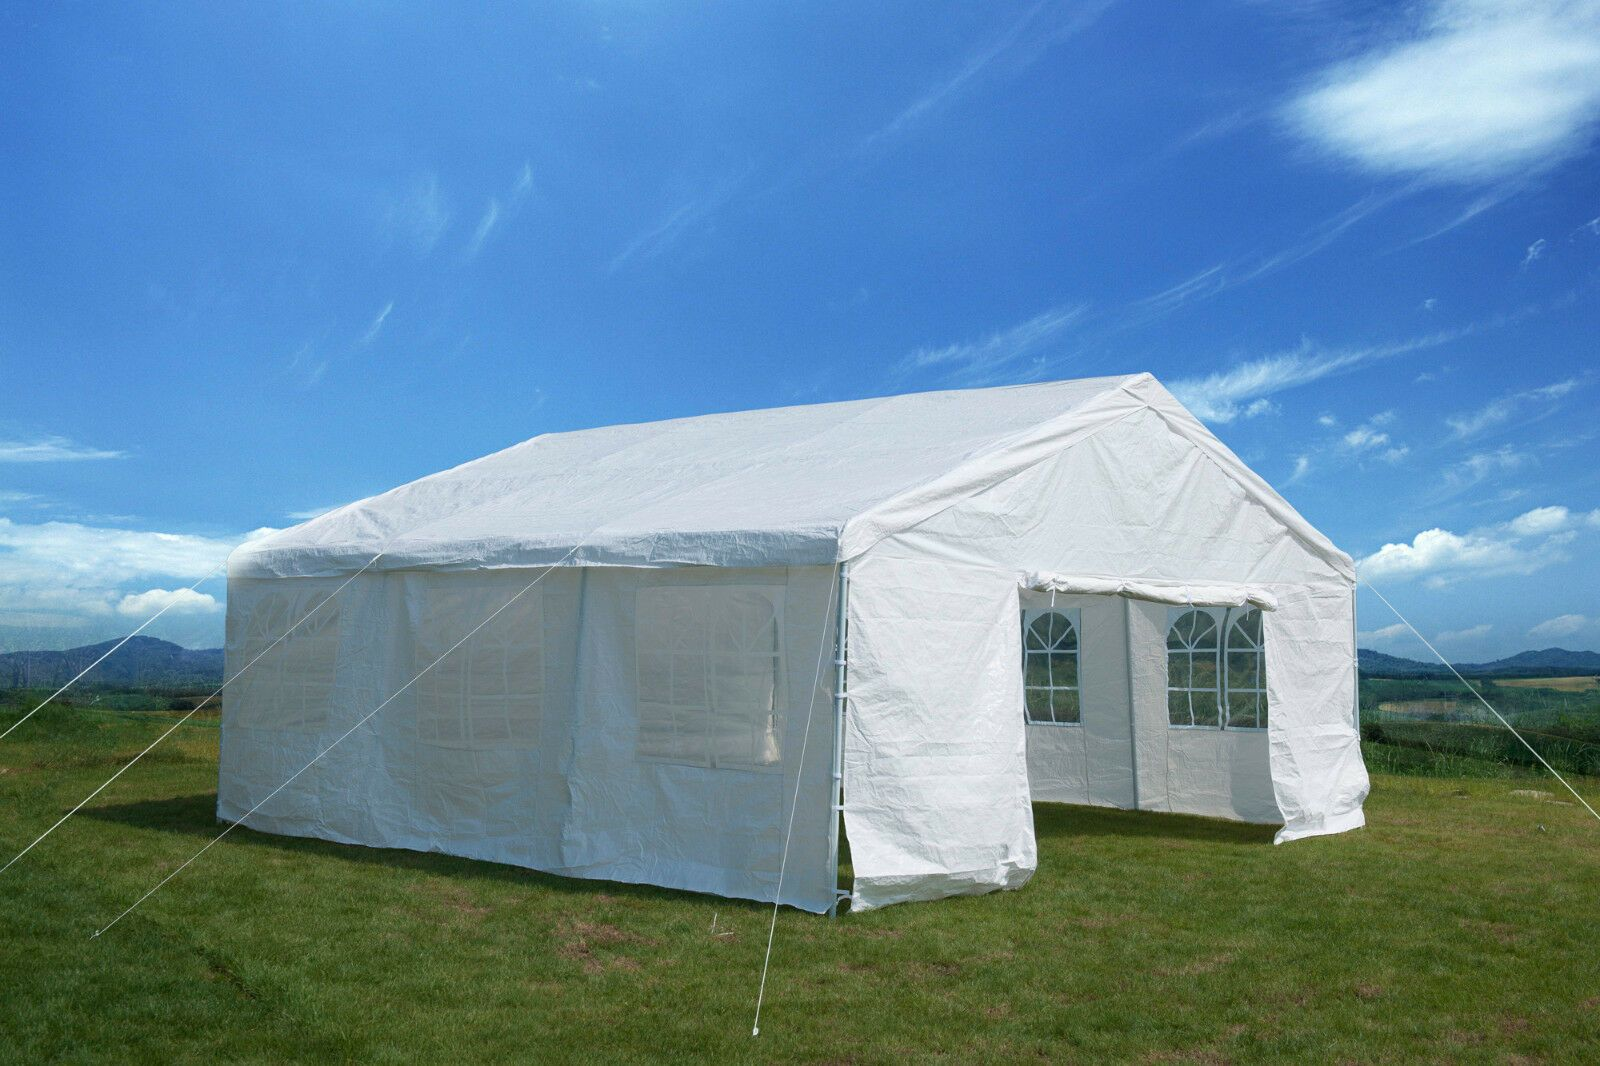 20x20 Heavy Duty Party Tent Outdoor Carport Canopy Gazebo Holiday